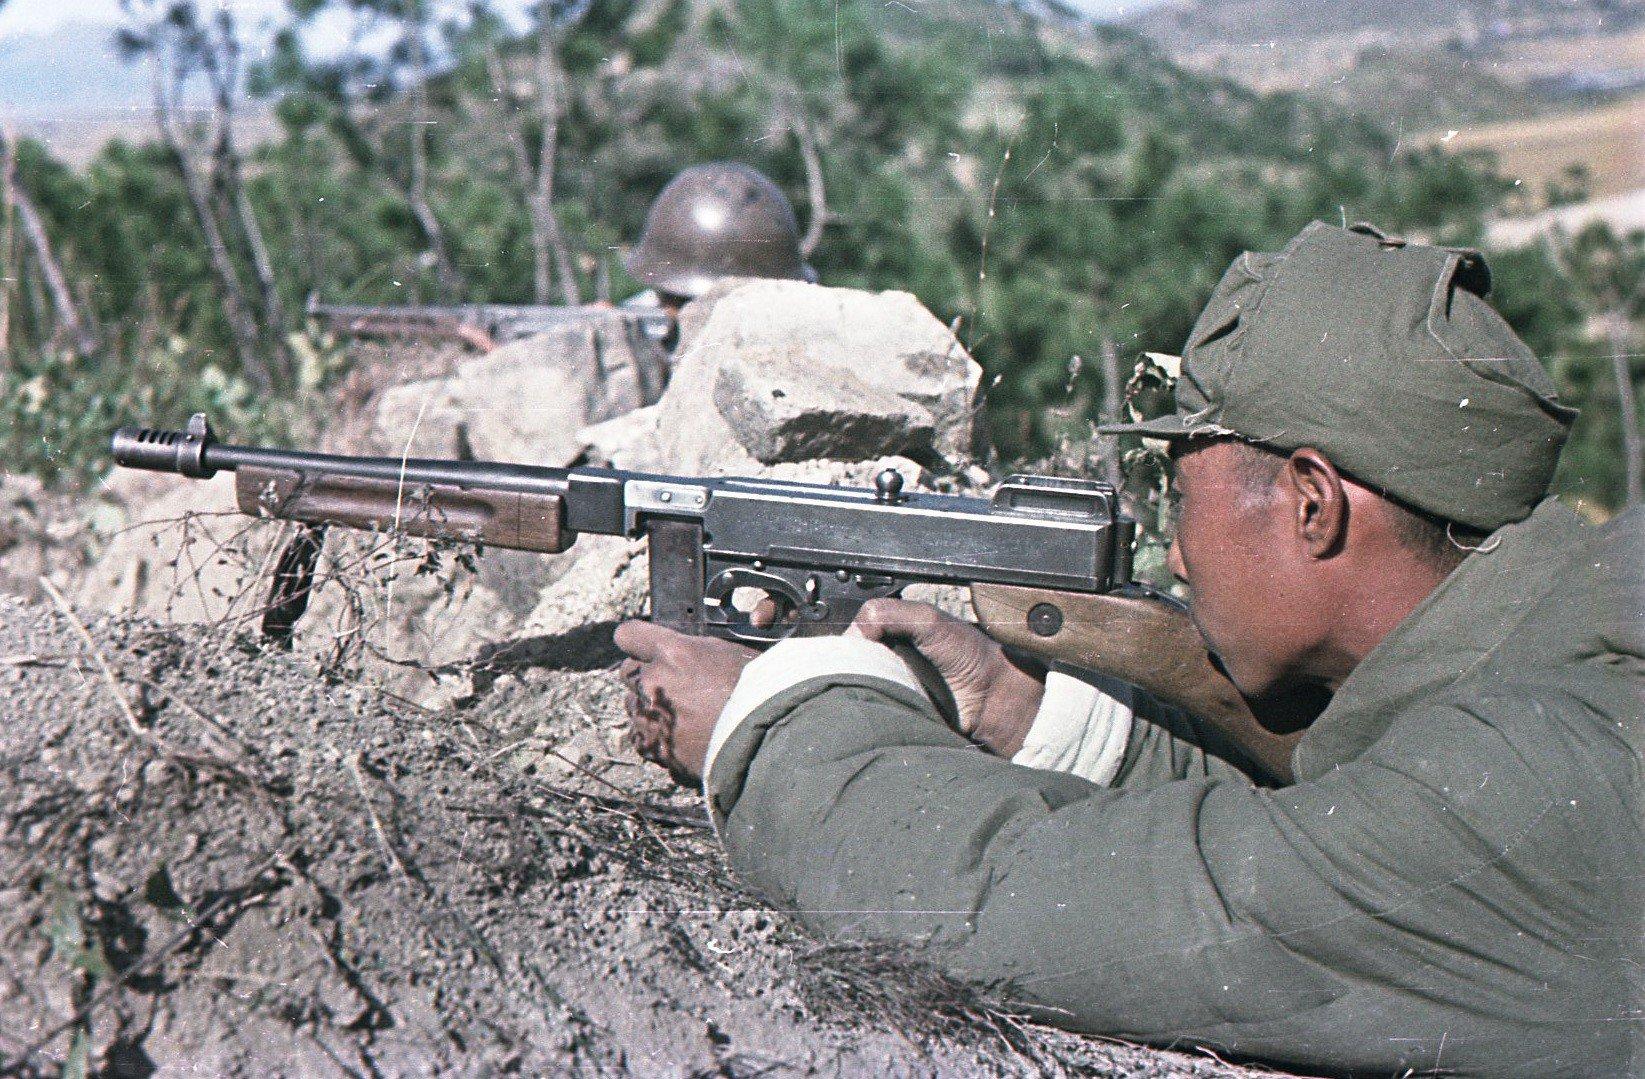 1949. Бойцы Народно-освободительной армии Китая. В засаде